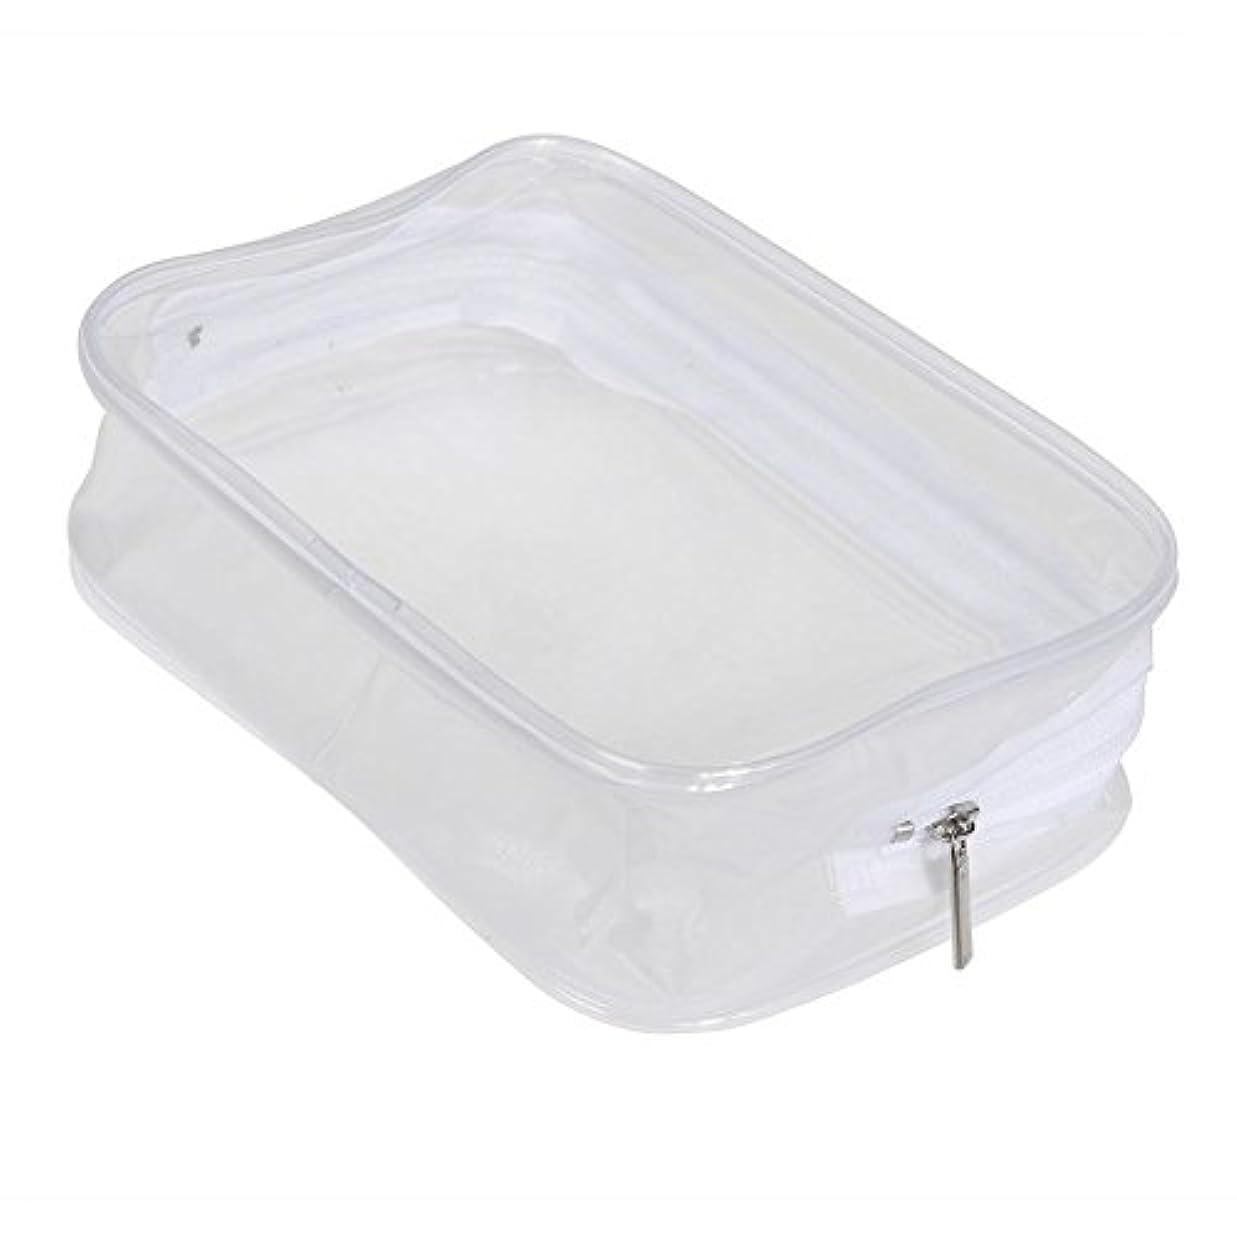 なんでも協力する推進Ecotrump PVC透明 化粧ポーチ 化粧バッグ 化粧道具 レディース 防水 ポータブル プラスチック 小物入れ ミニ財布 コインポーチ 洗面用具入れ